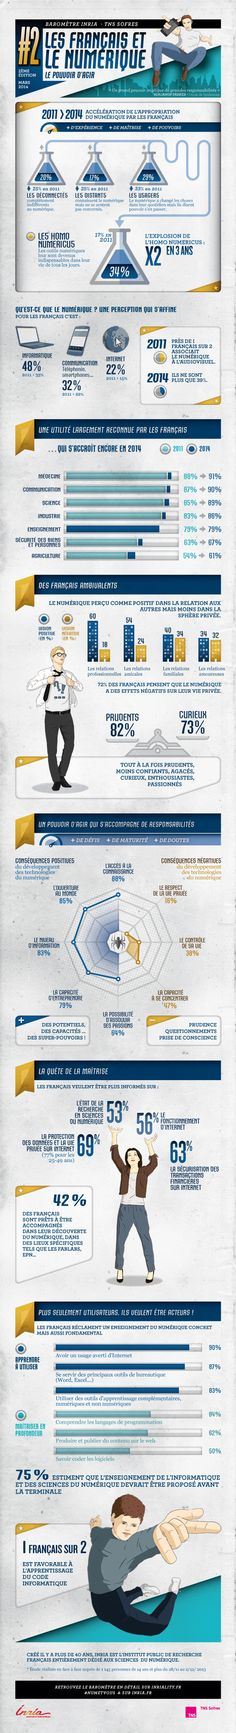 Les francais et le numérique - Frenchies and digital habits. Inbound Marketing, Marketing Data, Content Marketing, Digital Marketing, Open Data, Big Data, Internet, Interactive Marketing, Digital Web